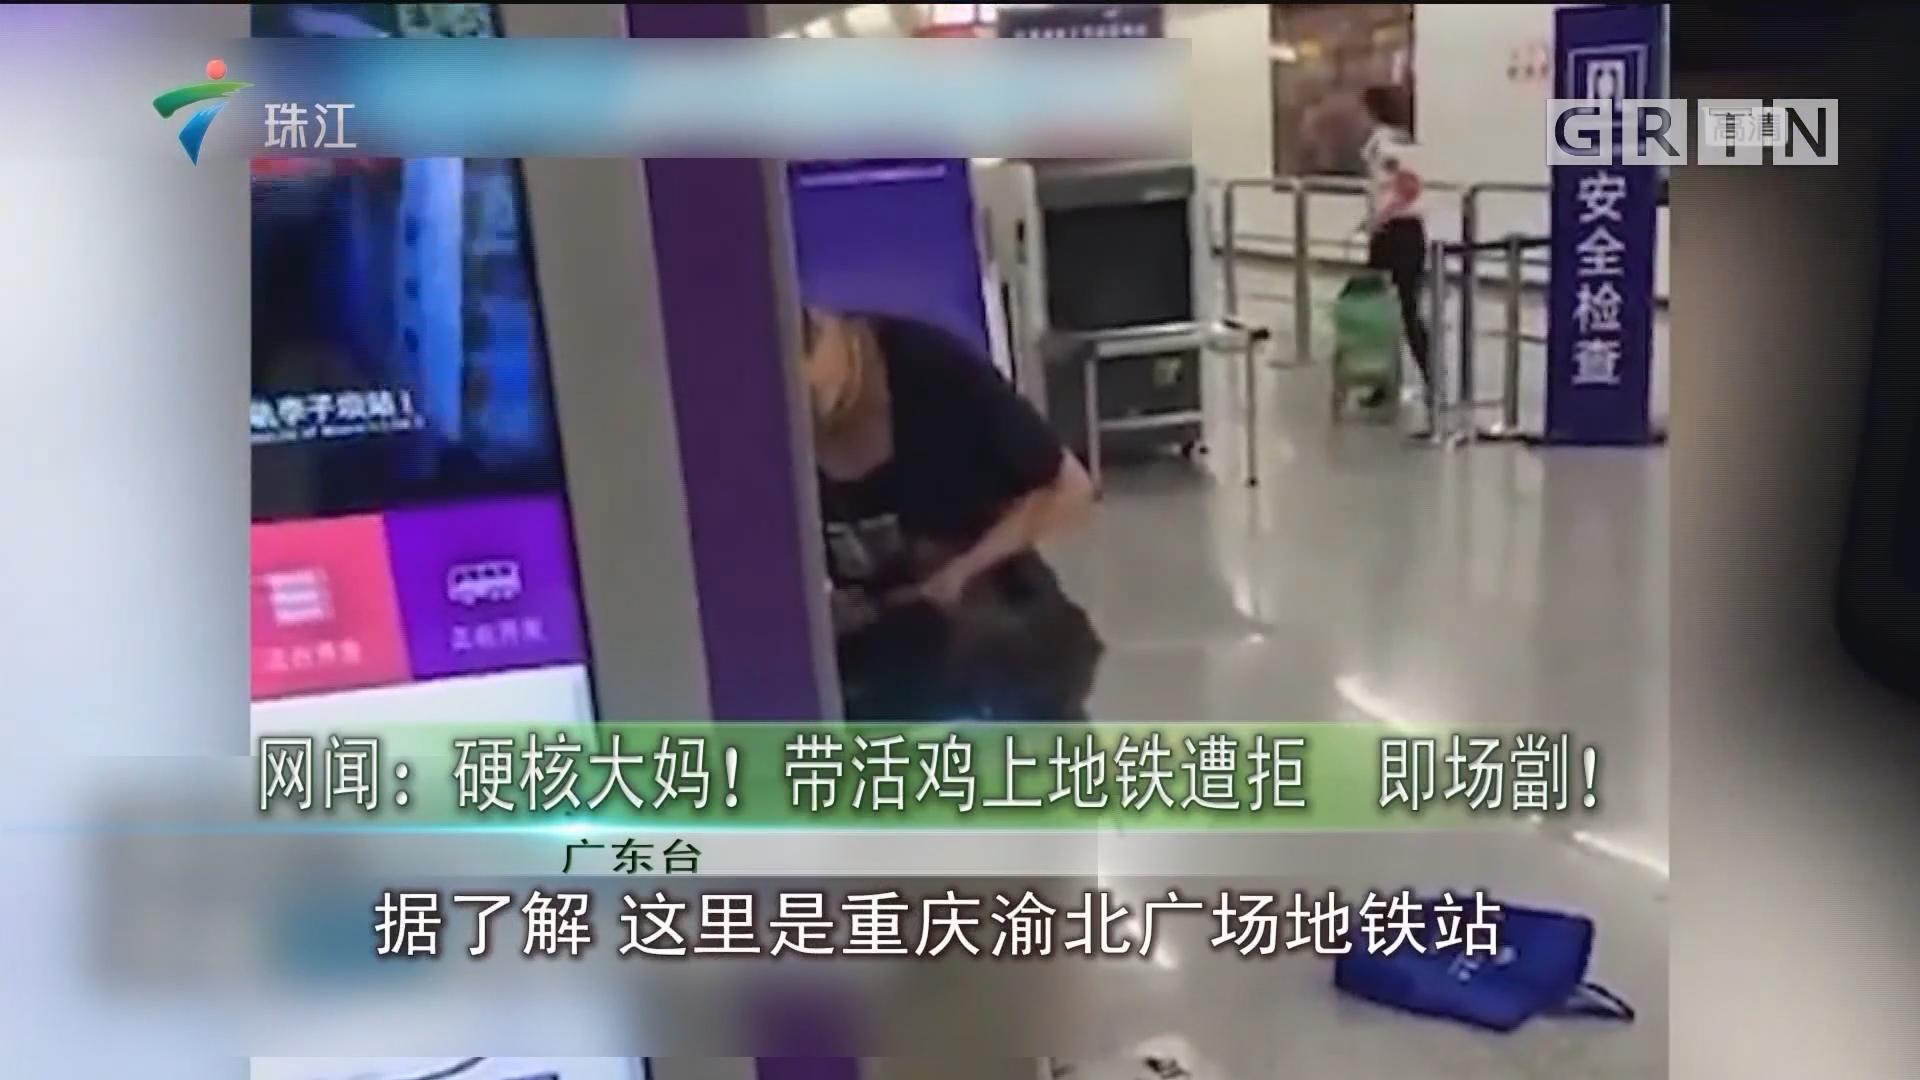 网闻:硬核大妈!带活鸡上地铁遭拒 即场劏!